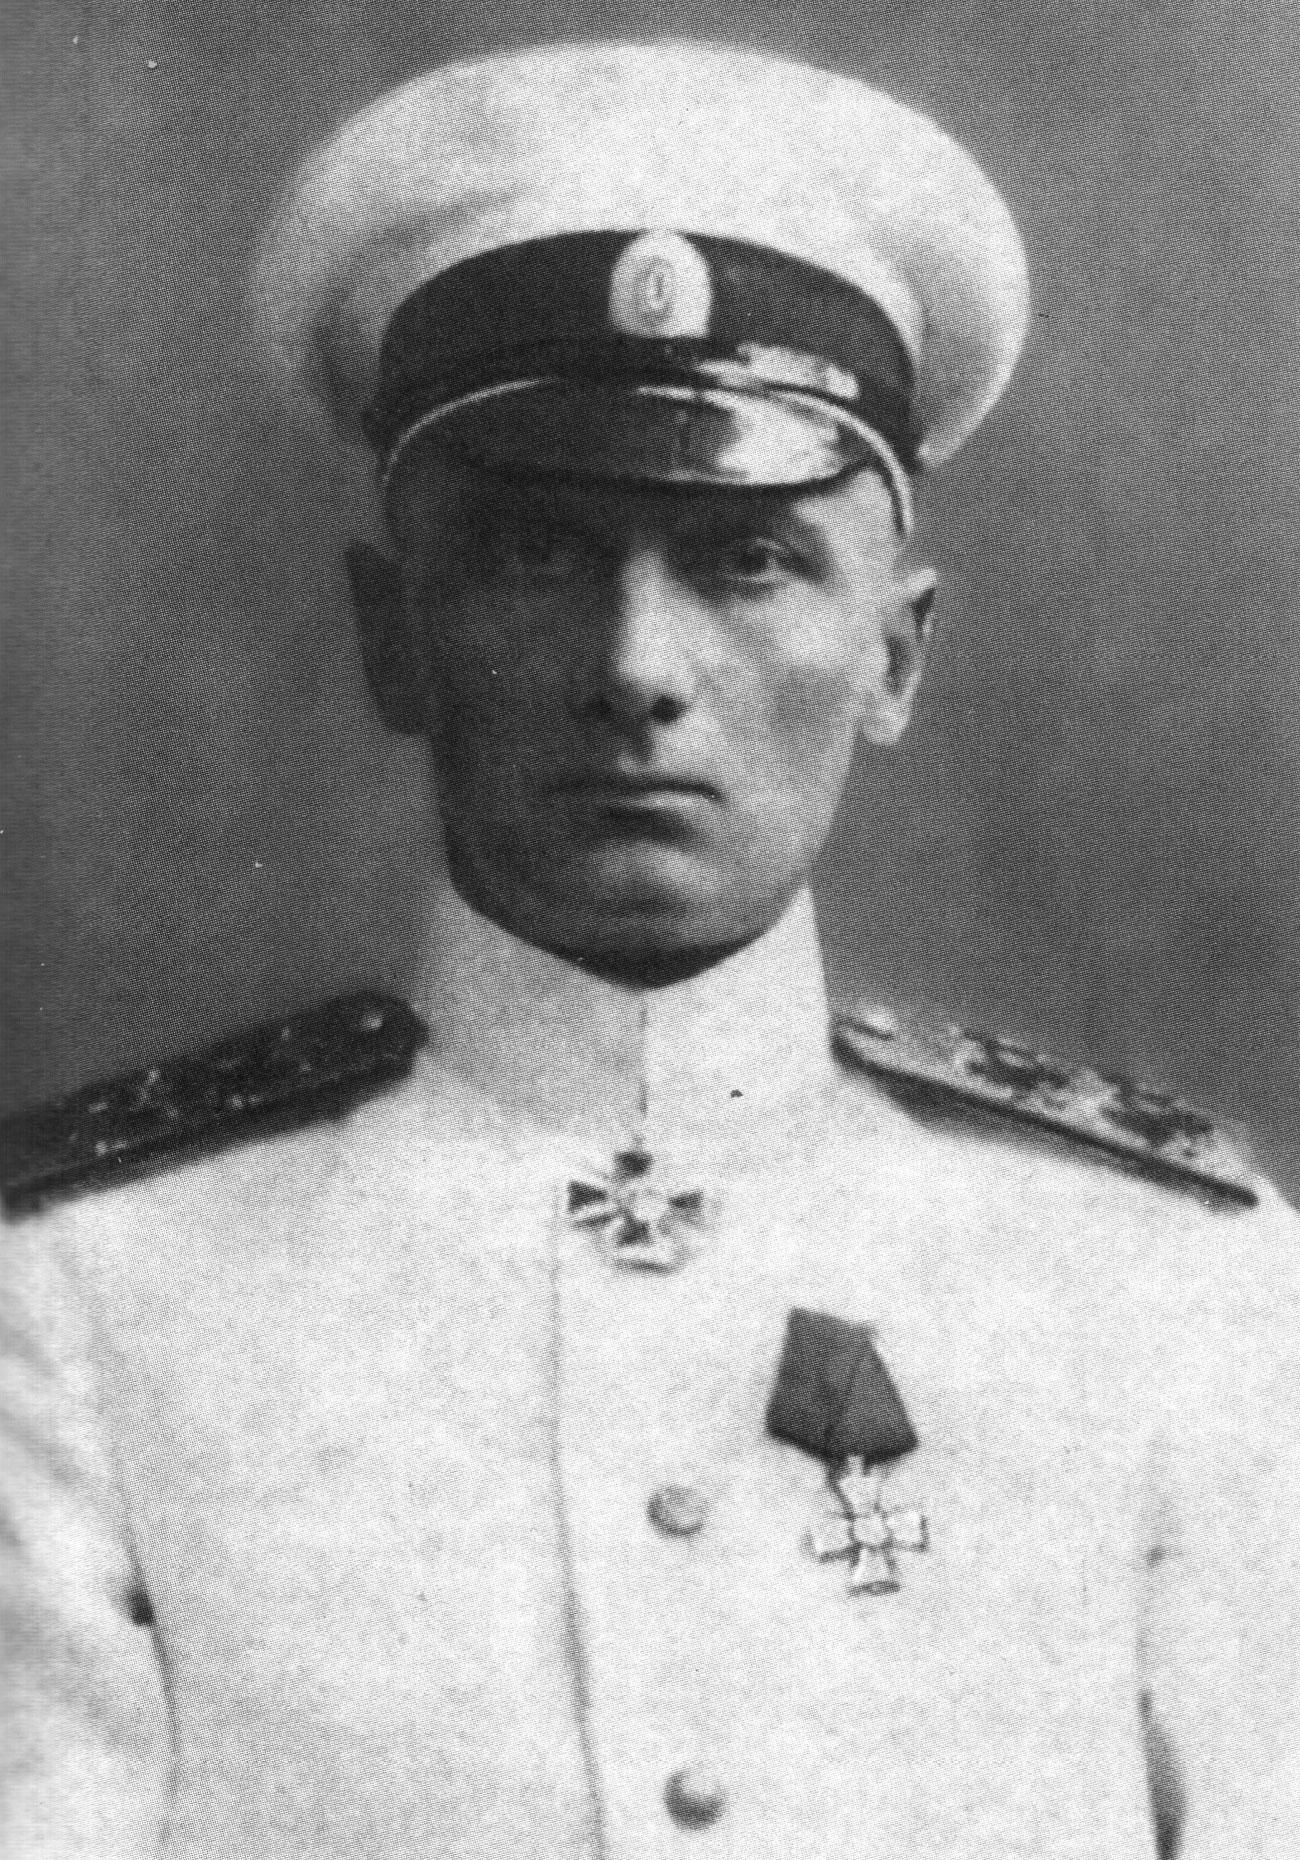 Командващият на Черноморския флот, вицеадмирал А. В. Колчак, 1916 г. / Архив